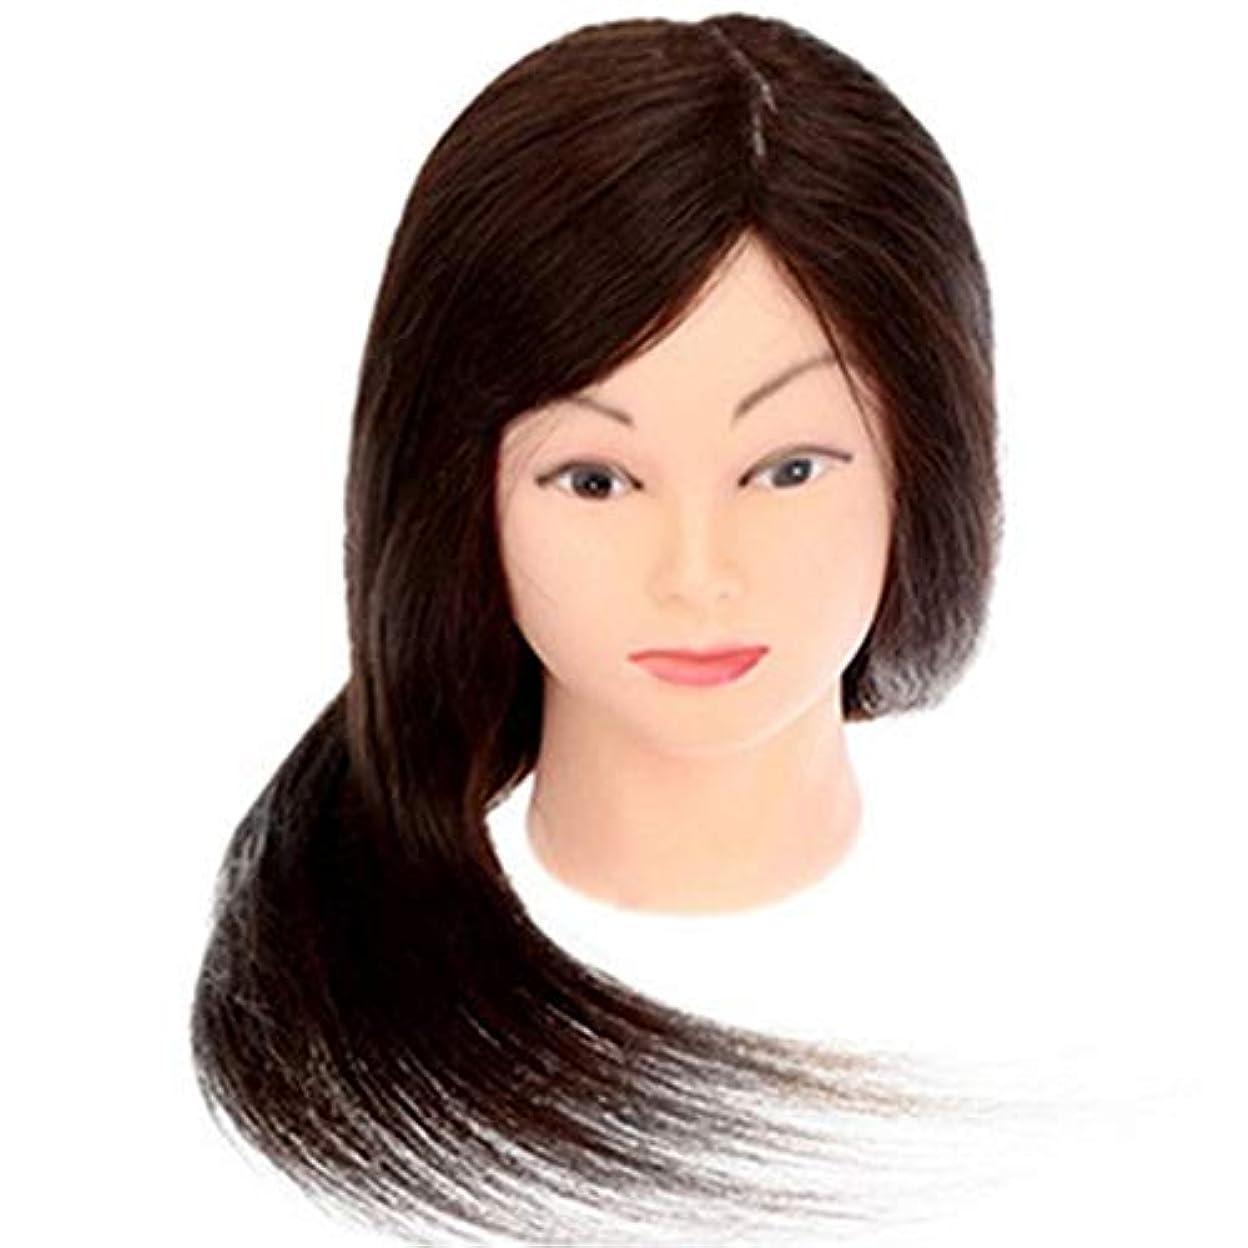 アリス遮る口径メイクアップエクササイズディスク髪編組ヘッド金型デュアルユースダミーヘッドモデルヘッド美容ヘアカットティーチングヘッドかつら